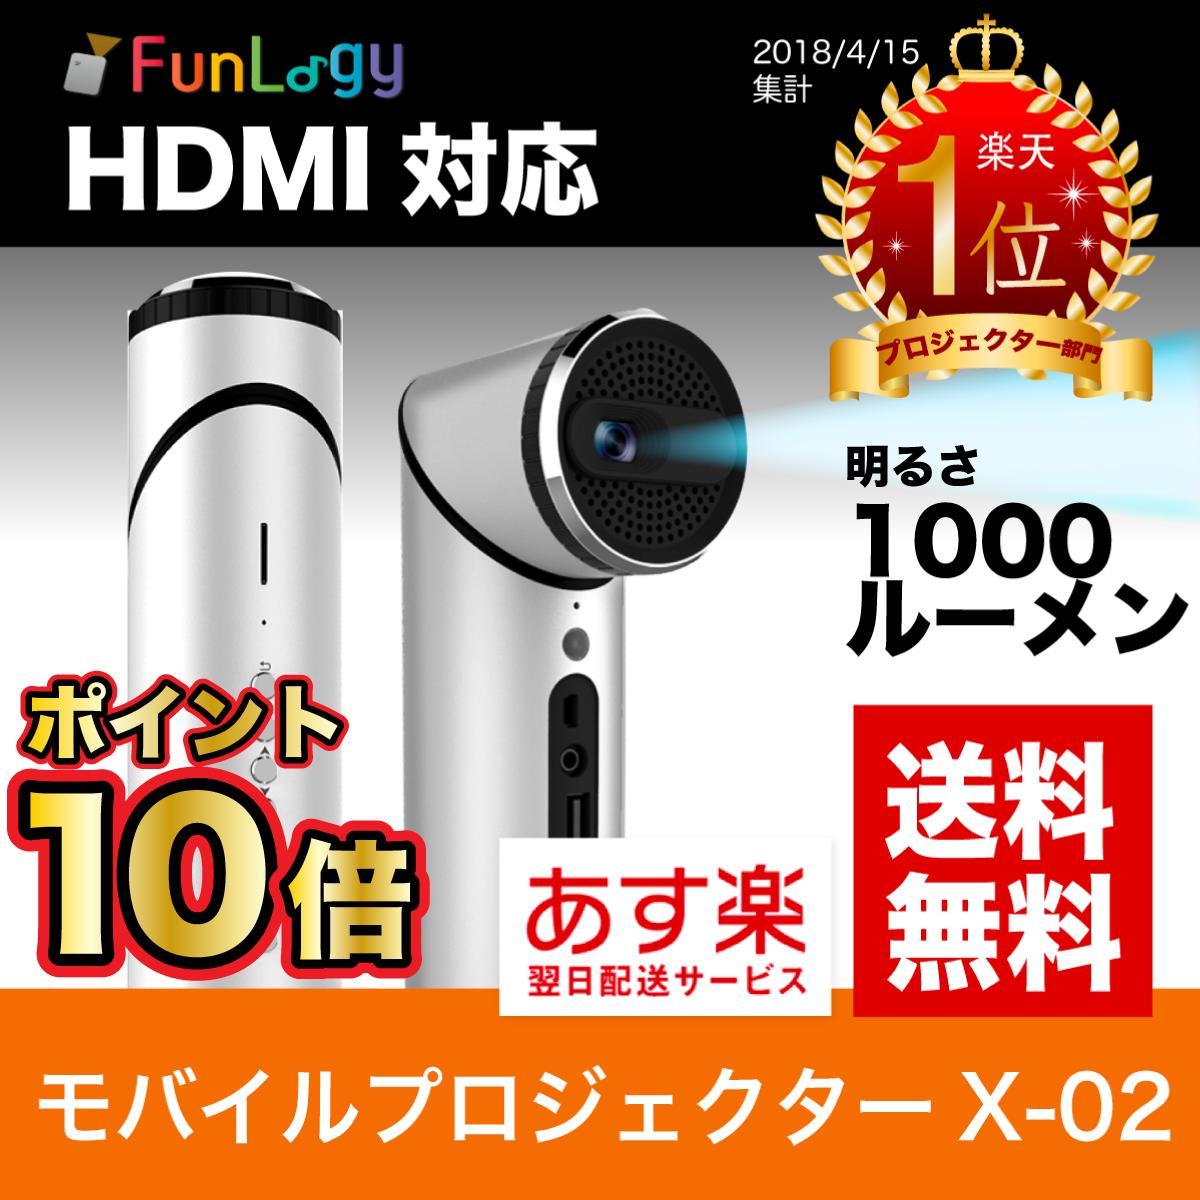 【 ポイント10倍 送料無料 あす楽】 FunLogy モバイルプロジェクター X-02 | プロジェクター 小型 小型プロジェクター モバイル スマホ 1000 ルーメン 最新 HDMI 対応 高画質 DLP iphone アイフォン iOS11 軽量 コンパクト 高音質 USB ホームシアター ビジネス オフィス